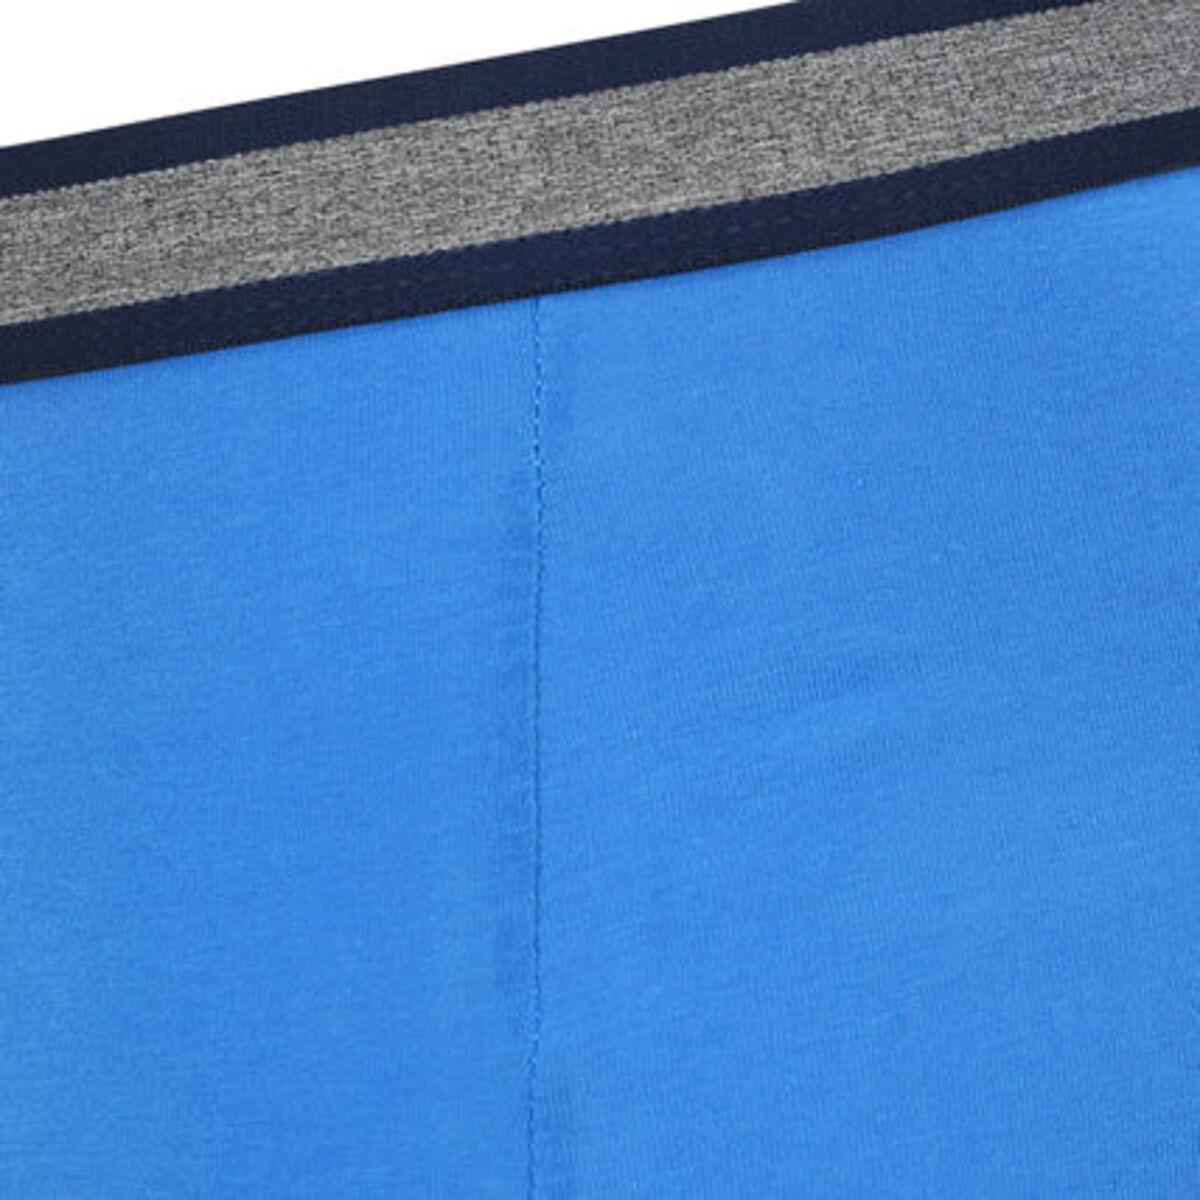 Bild 3 von K|town Pants, 3er-Pack, Elastikbund, für Herren